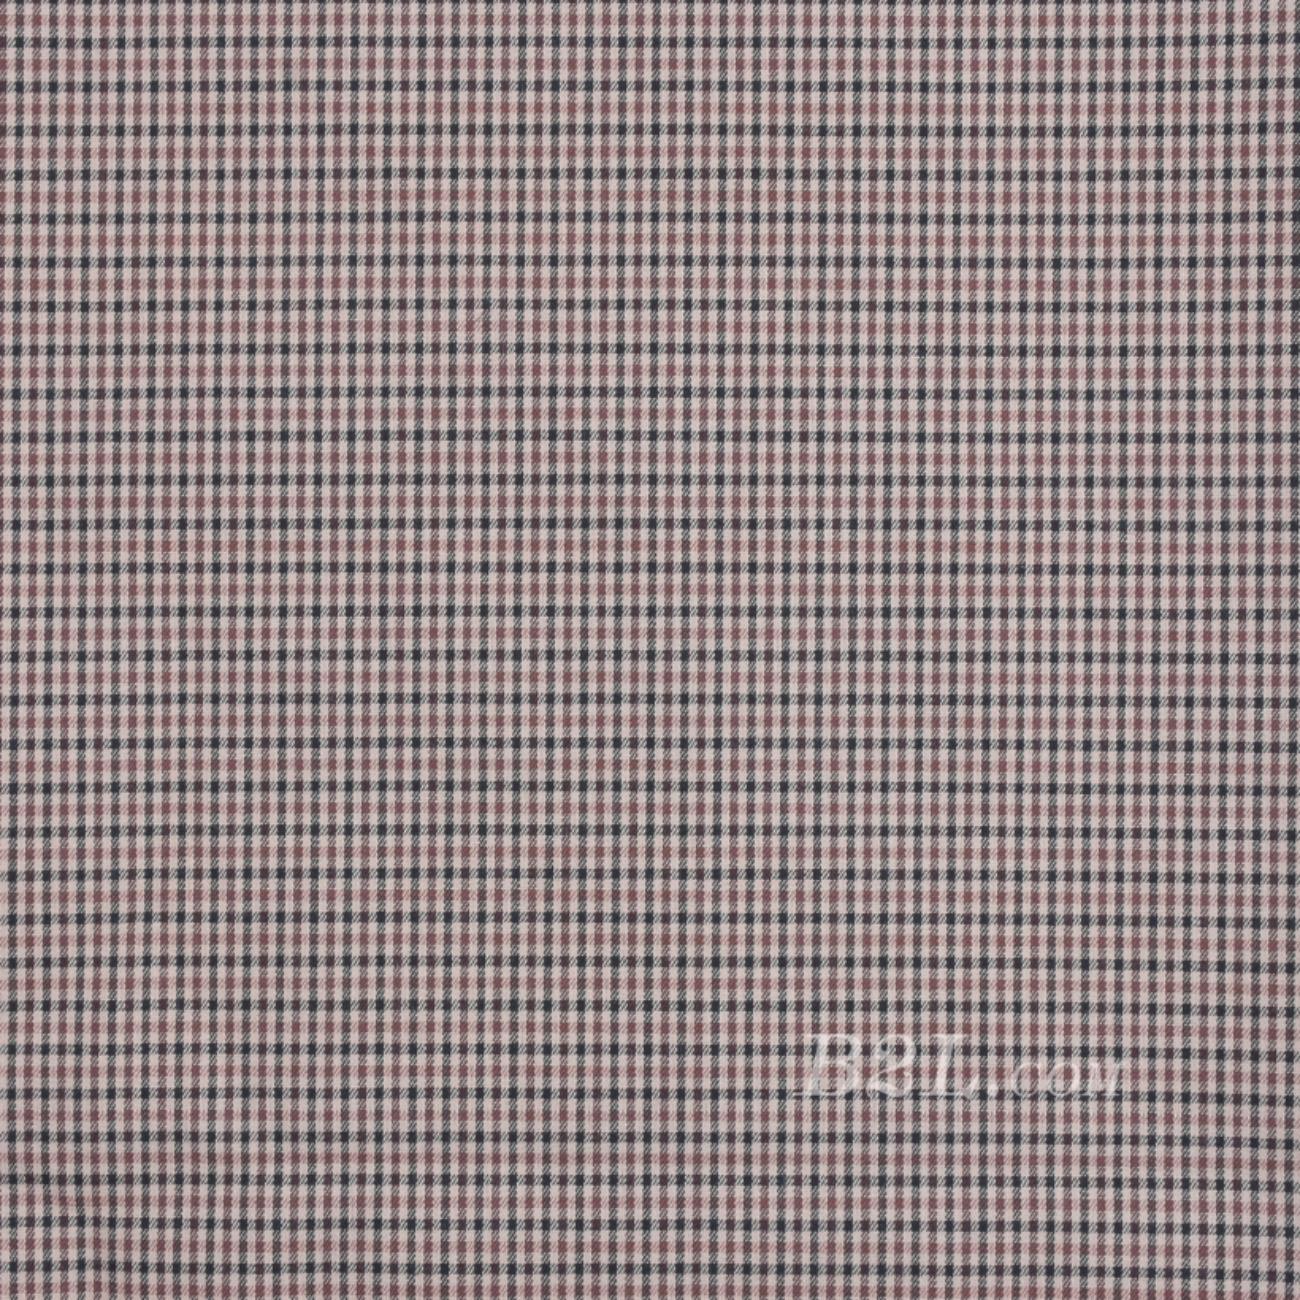 格子低弹梭织色织低弹春夏 衬衫 连衣裙 短裙 90115-12